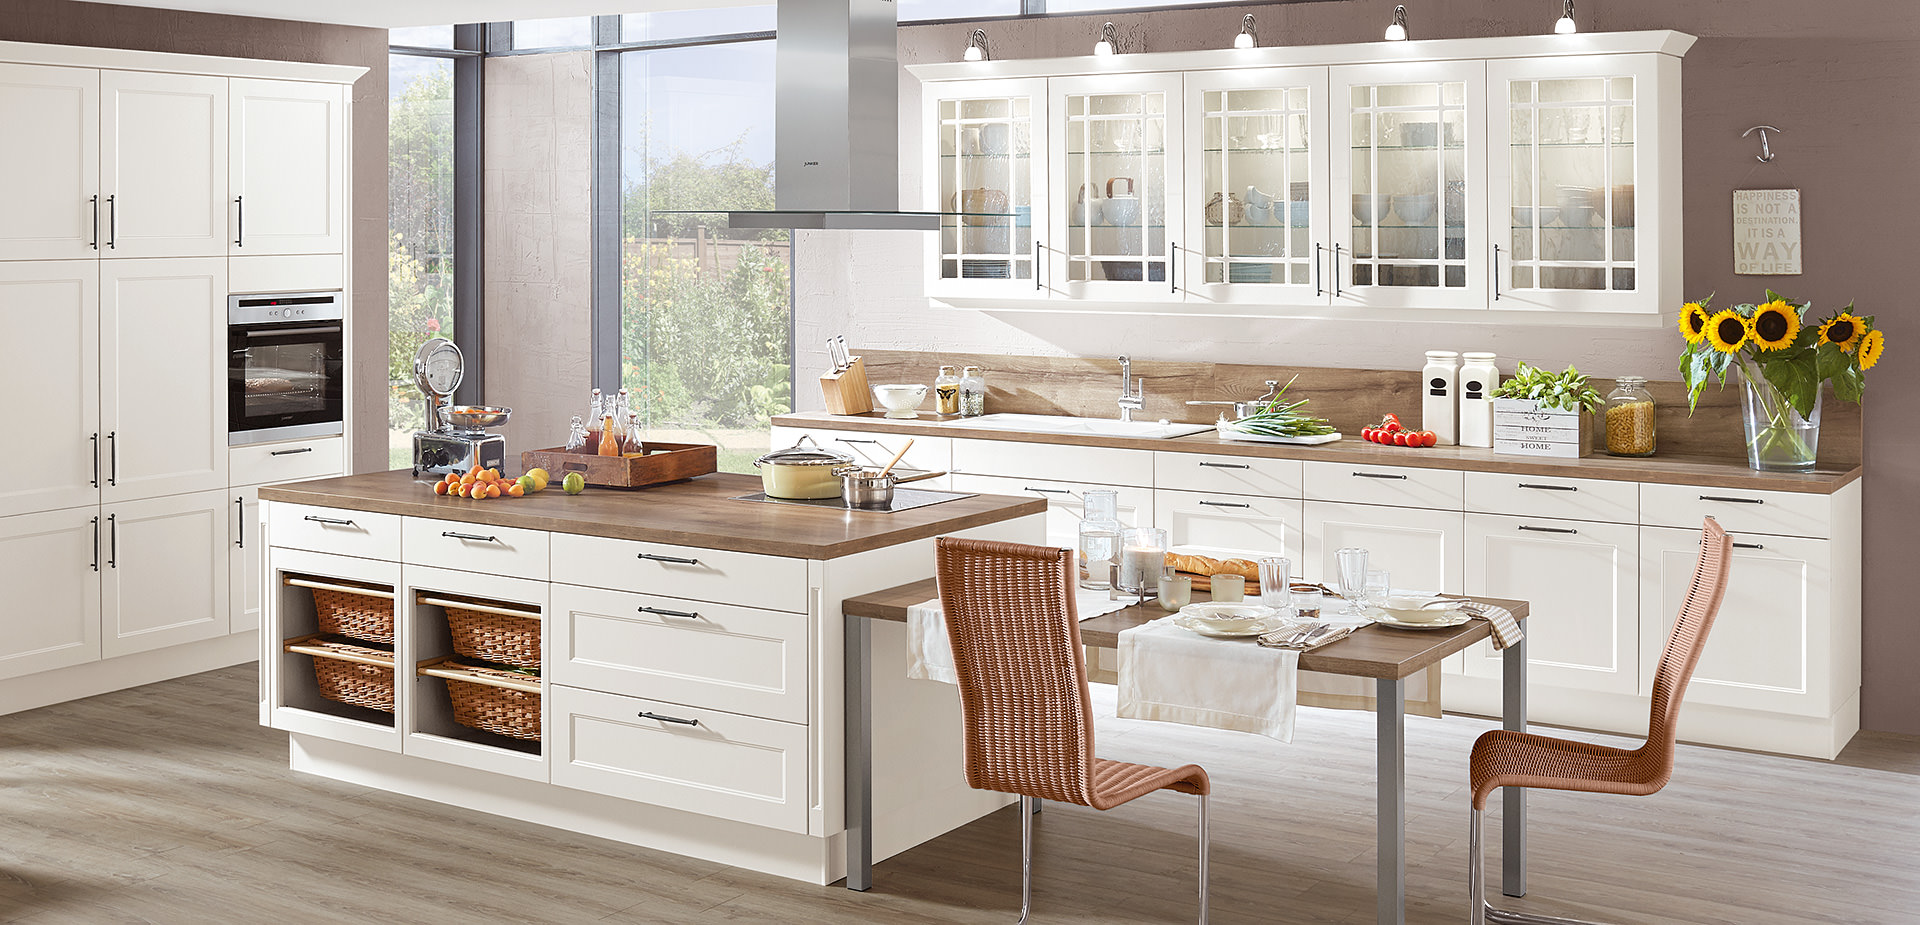 Full Size of Shabby Landhaus Küche Landhaus Küche Nolte Landhaus Küche Online Kaufen Moderne Landhaus Küche Küche Landhaus Küche